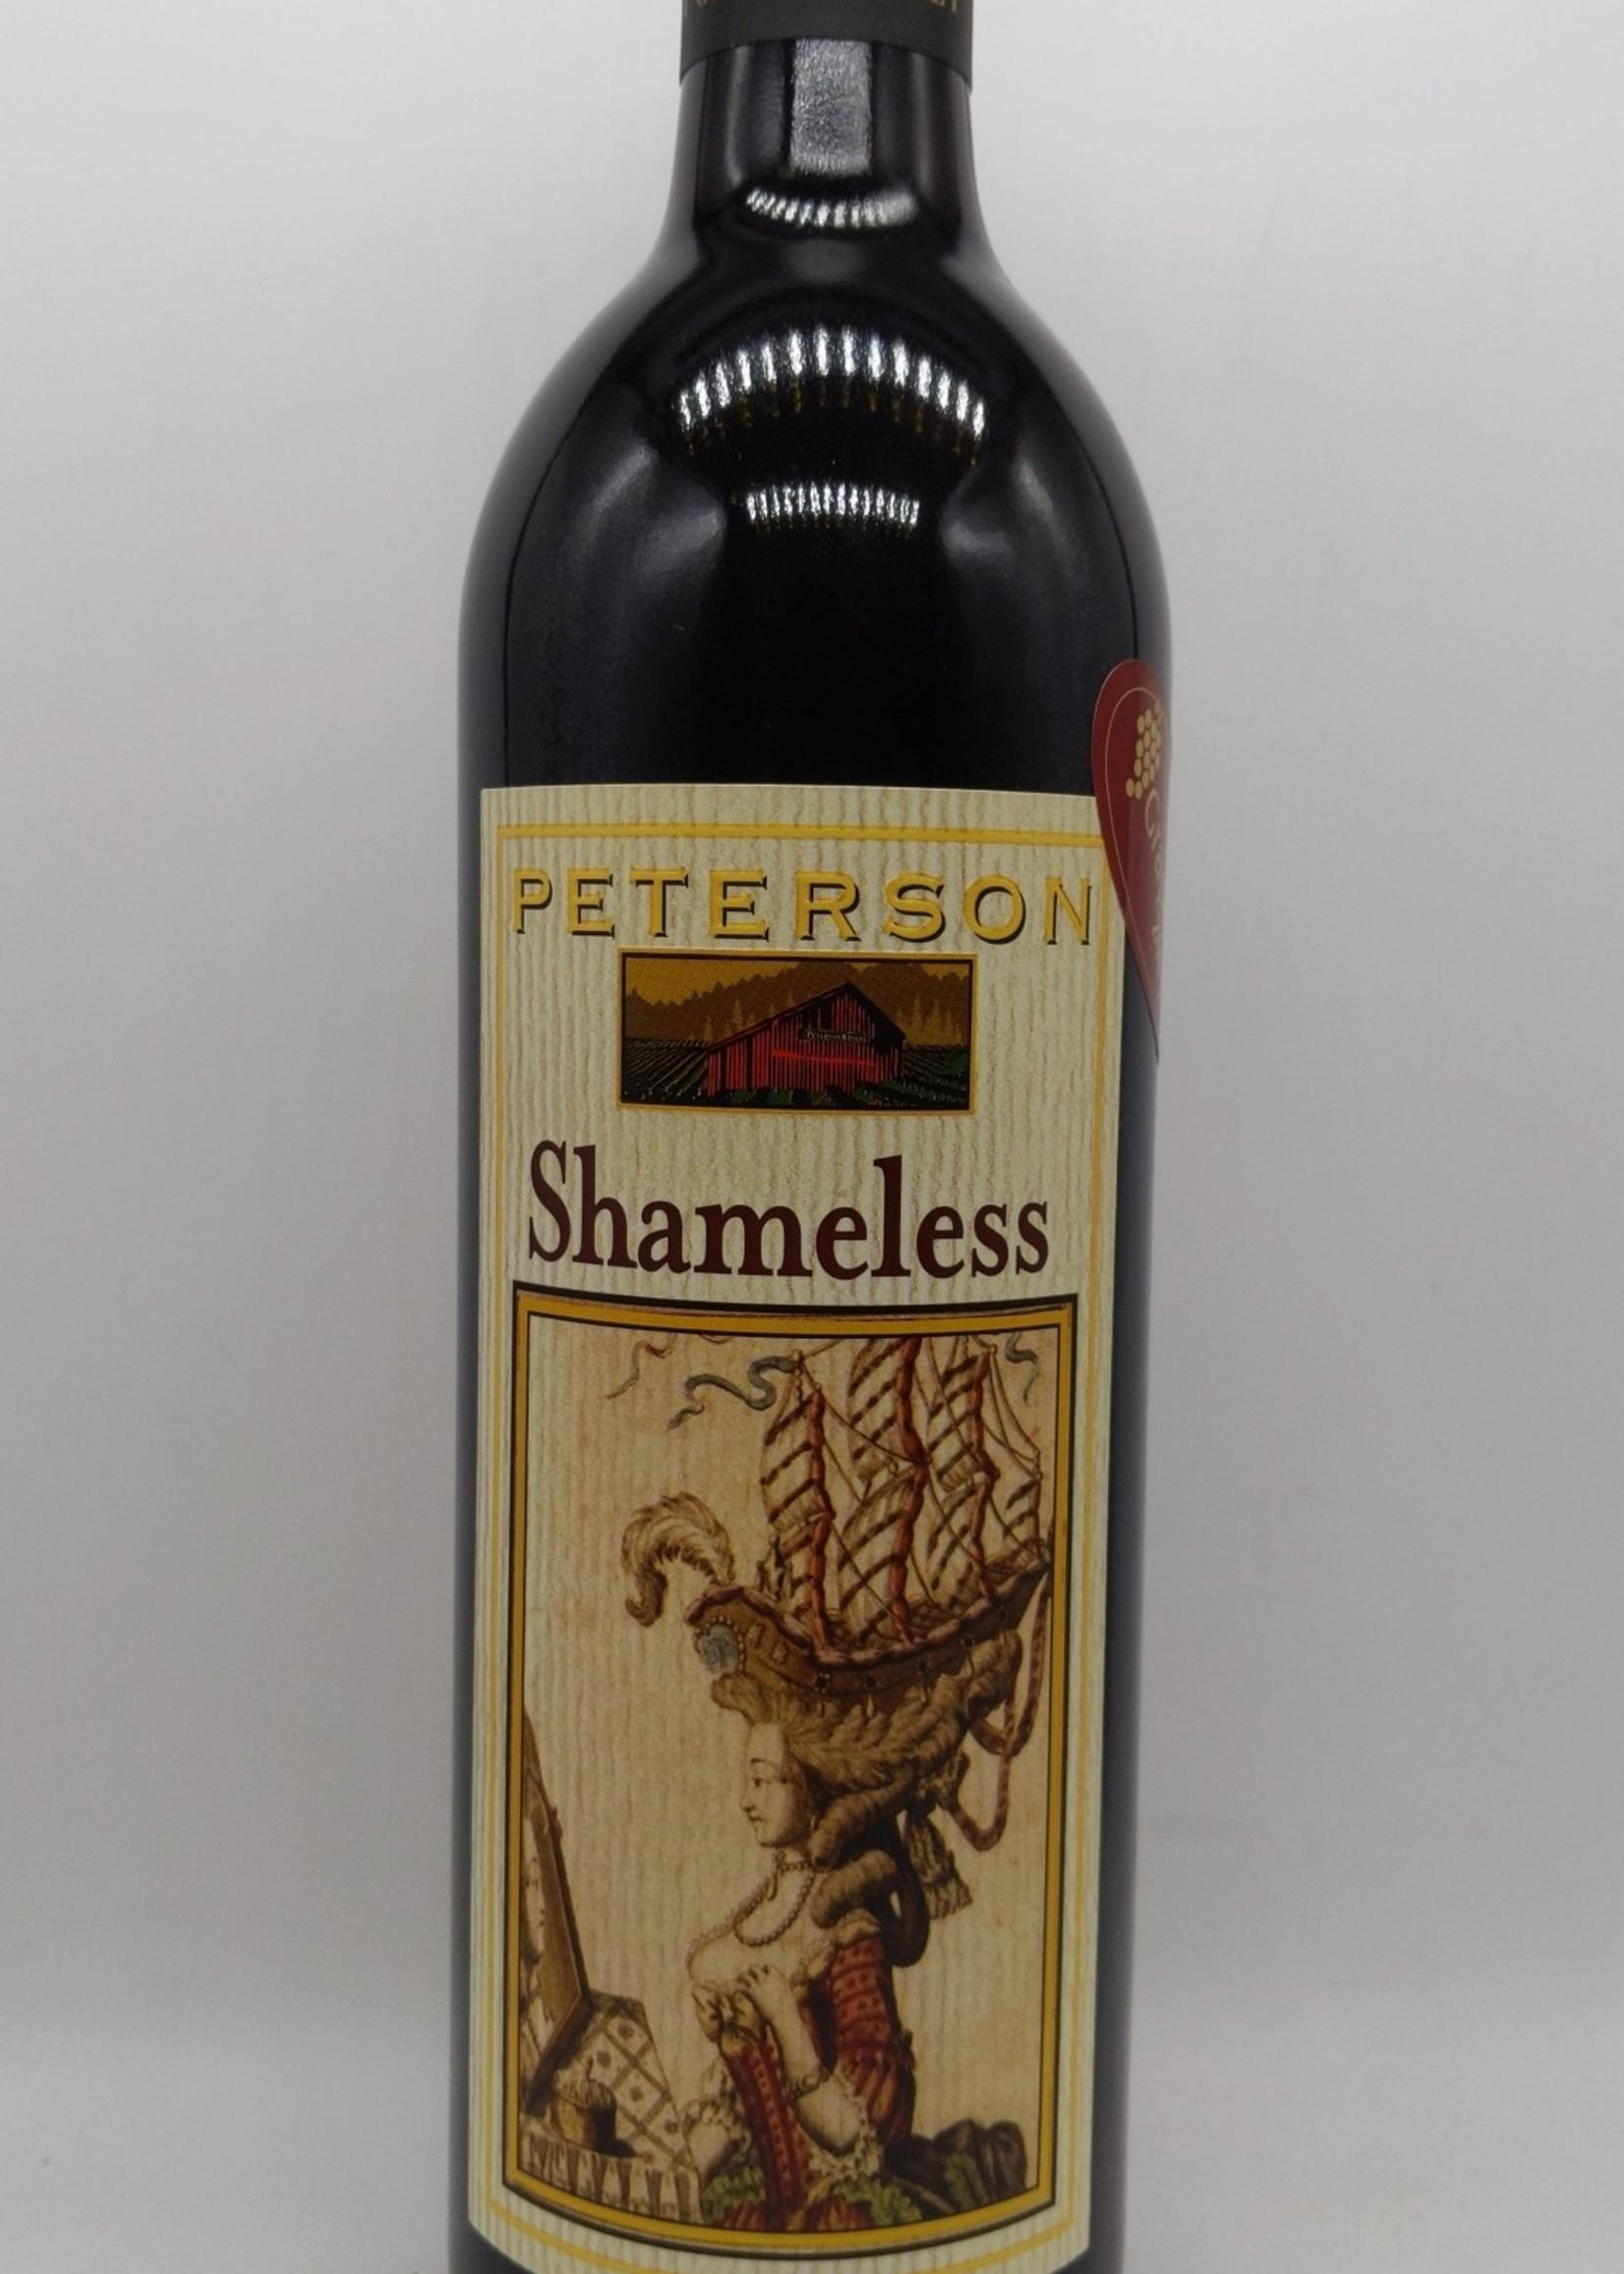 NV PETERSON SHAMELESS RED 750ml